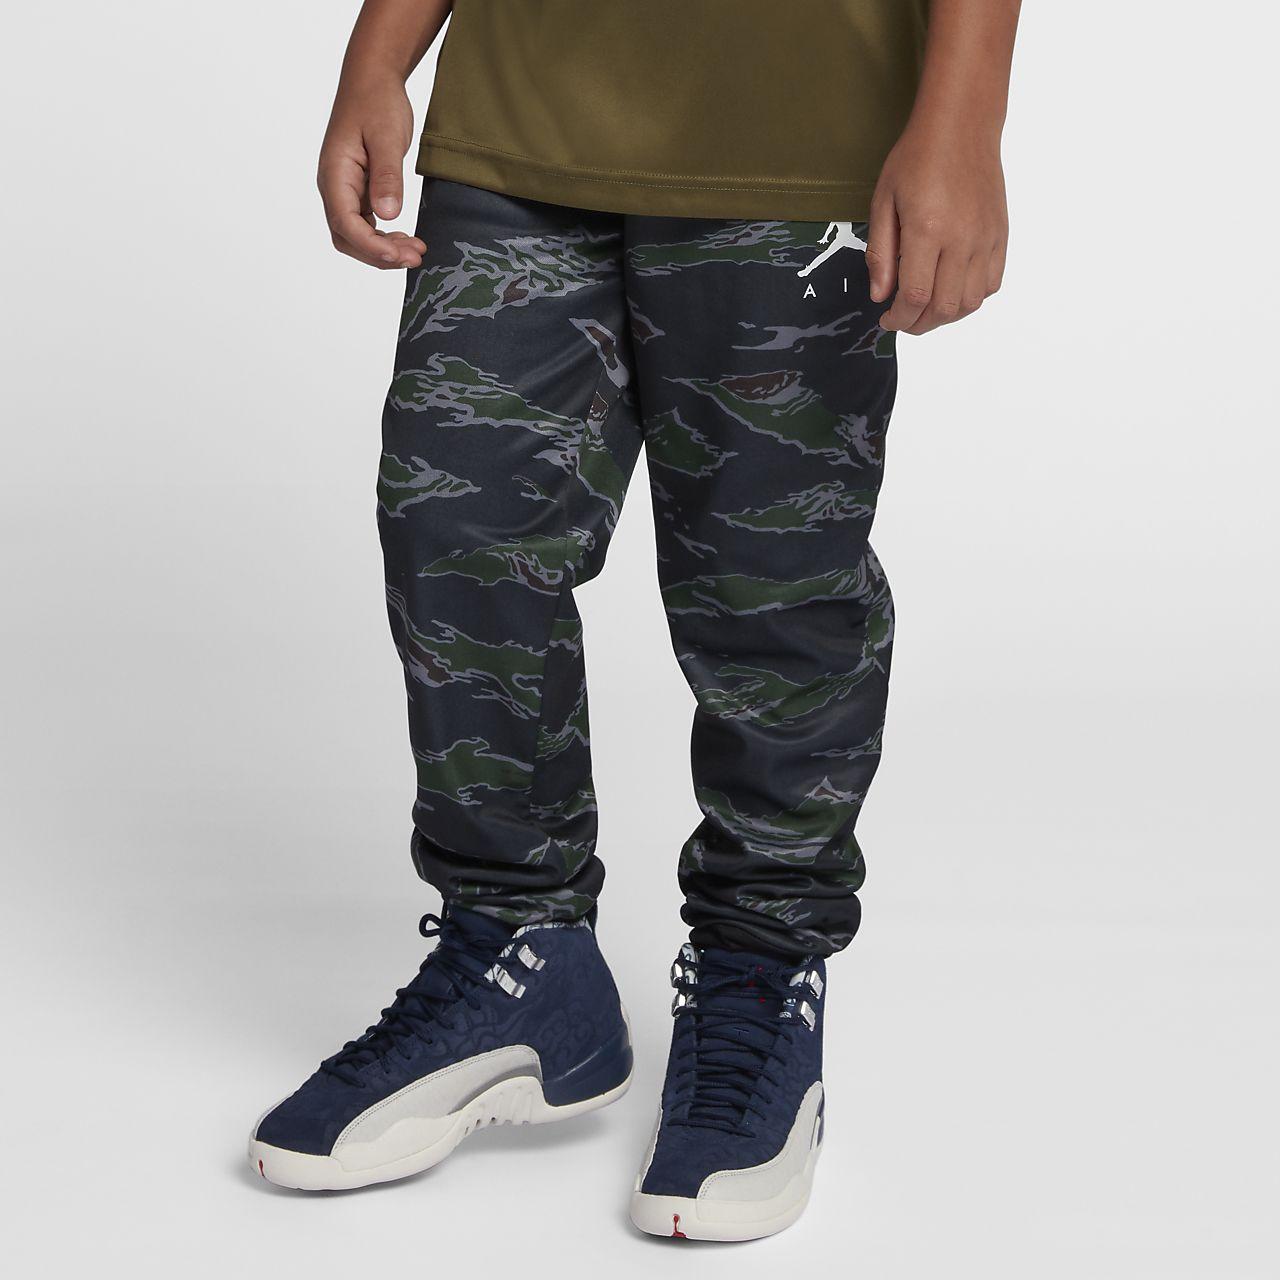 Jordan-bukser til store børn (drenge)